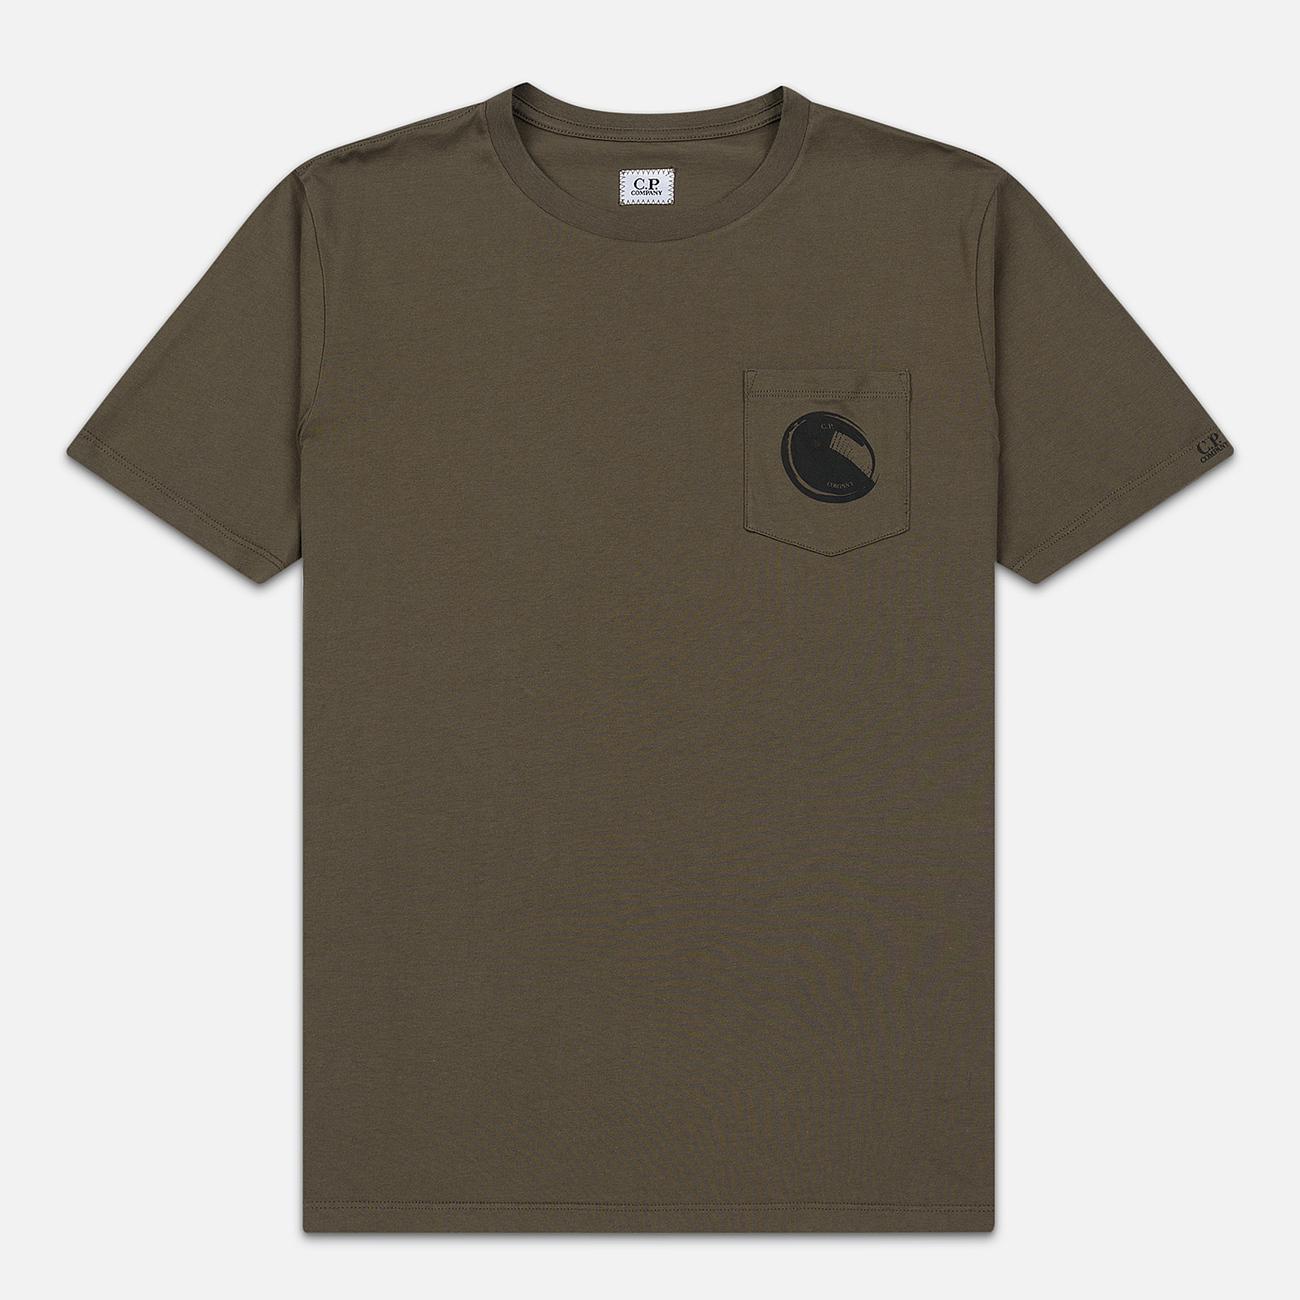 Мужская футболка C.P. Company Lens Pocket Print Regular Fit Dusty Olive